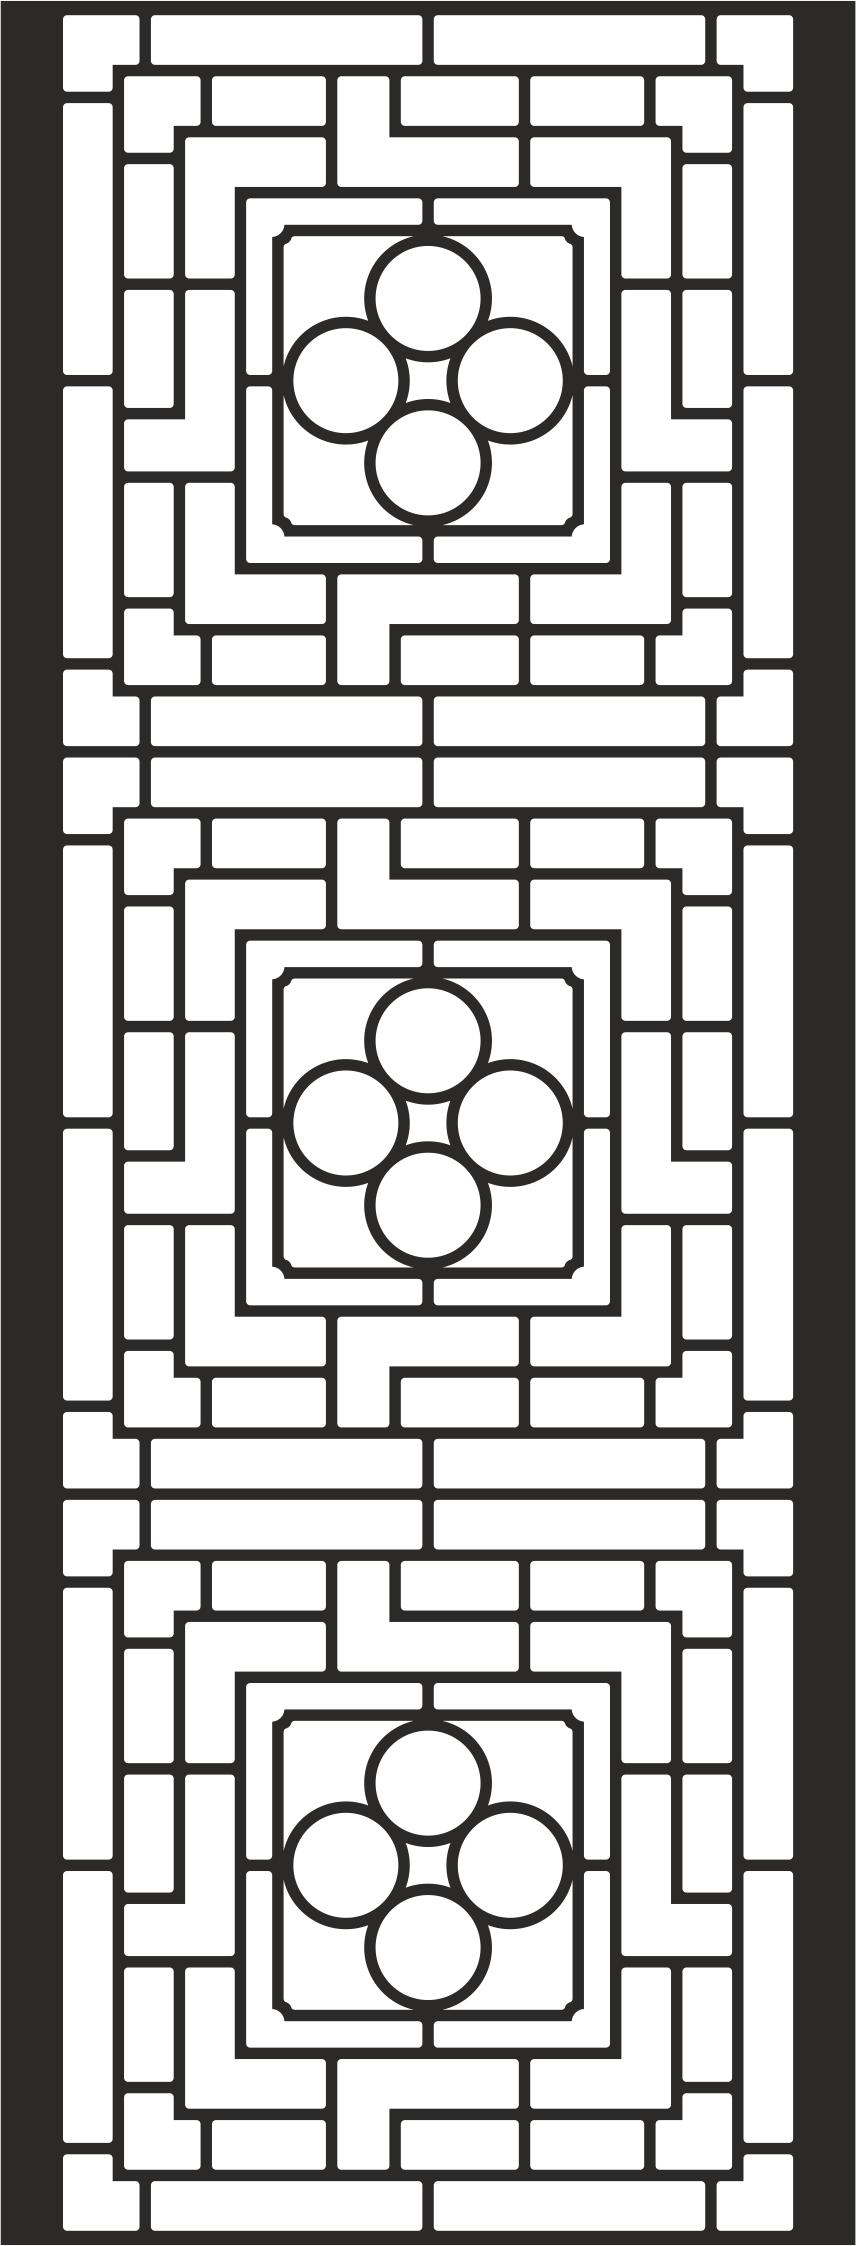 Iron Window Grills File Free CDR Vectors Art